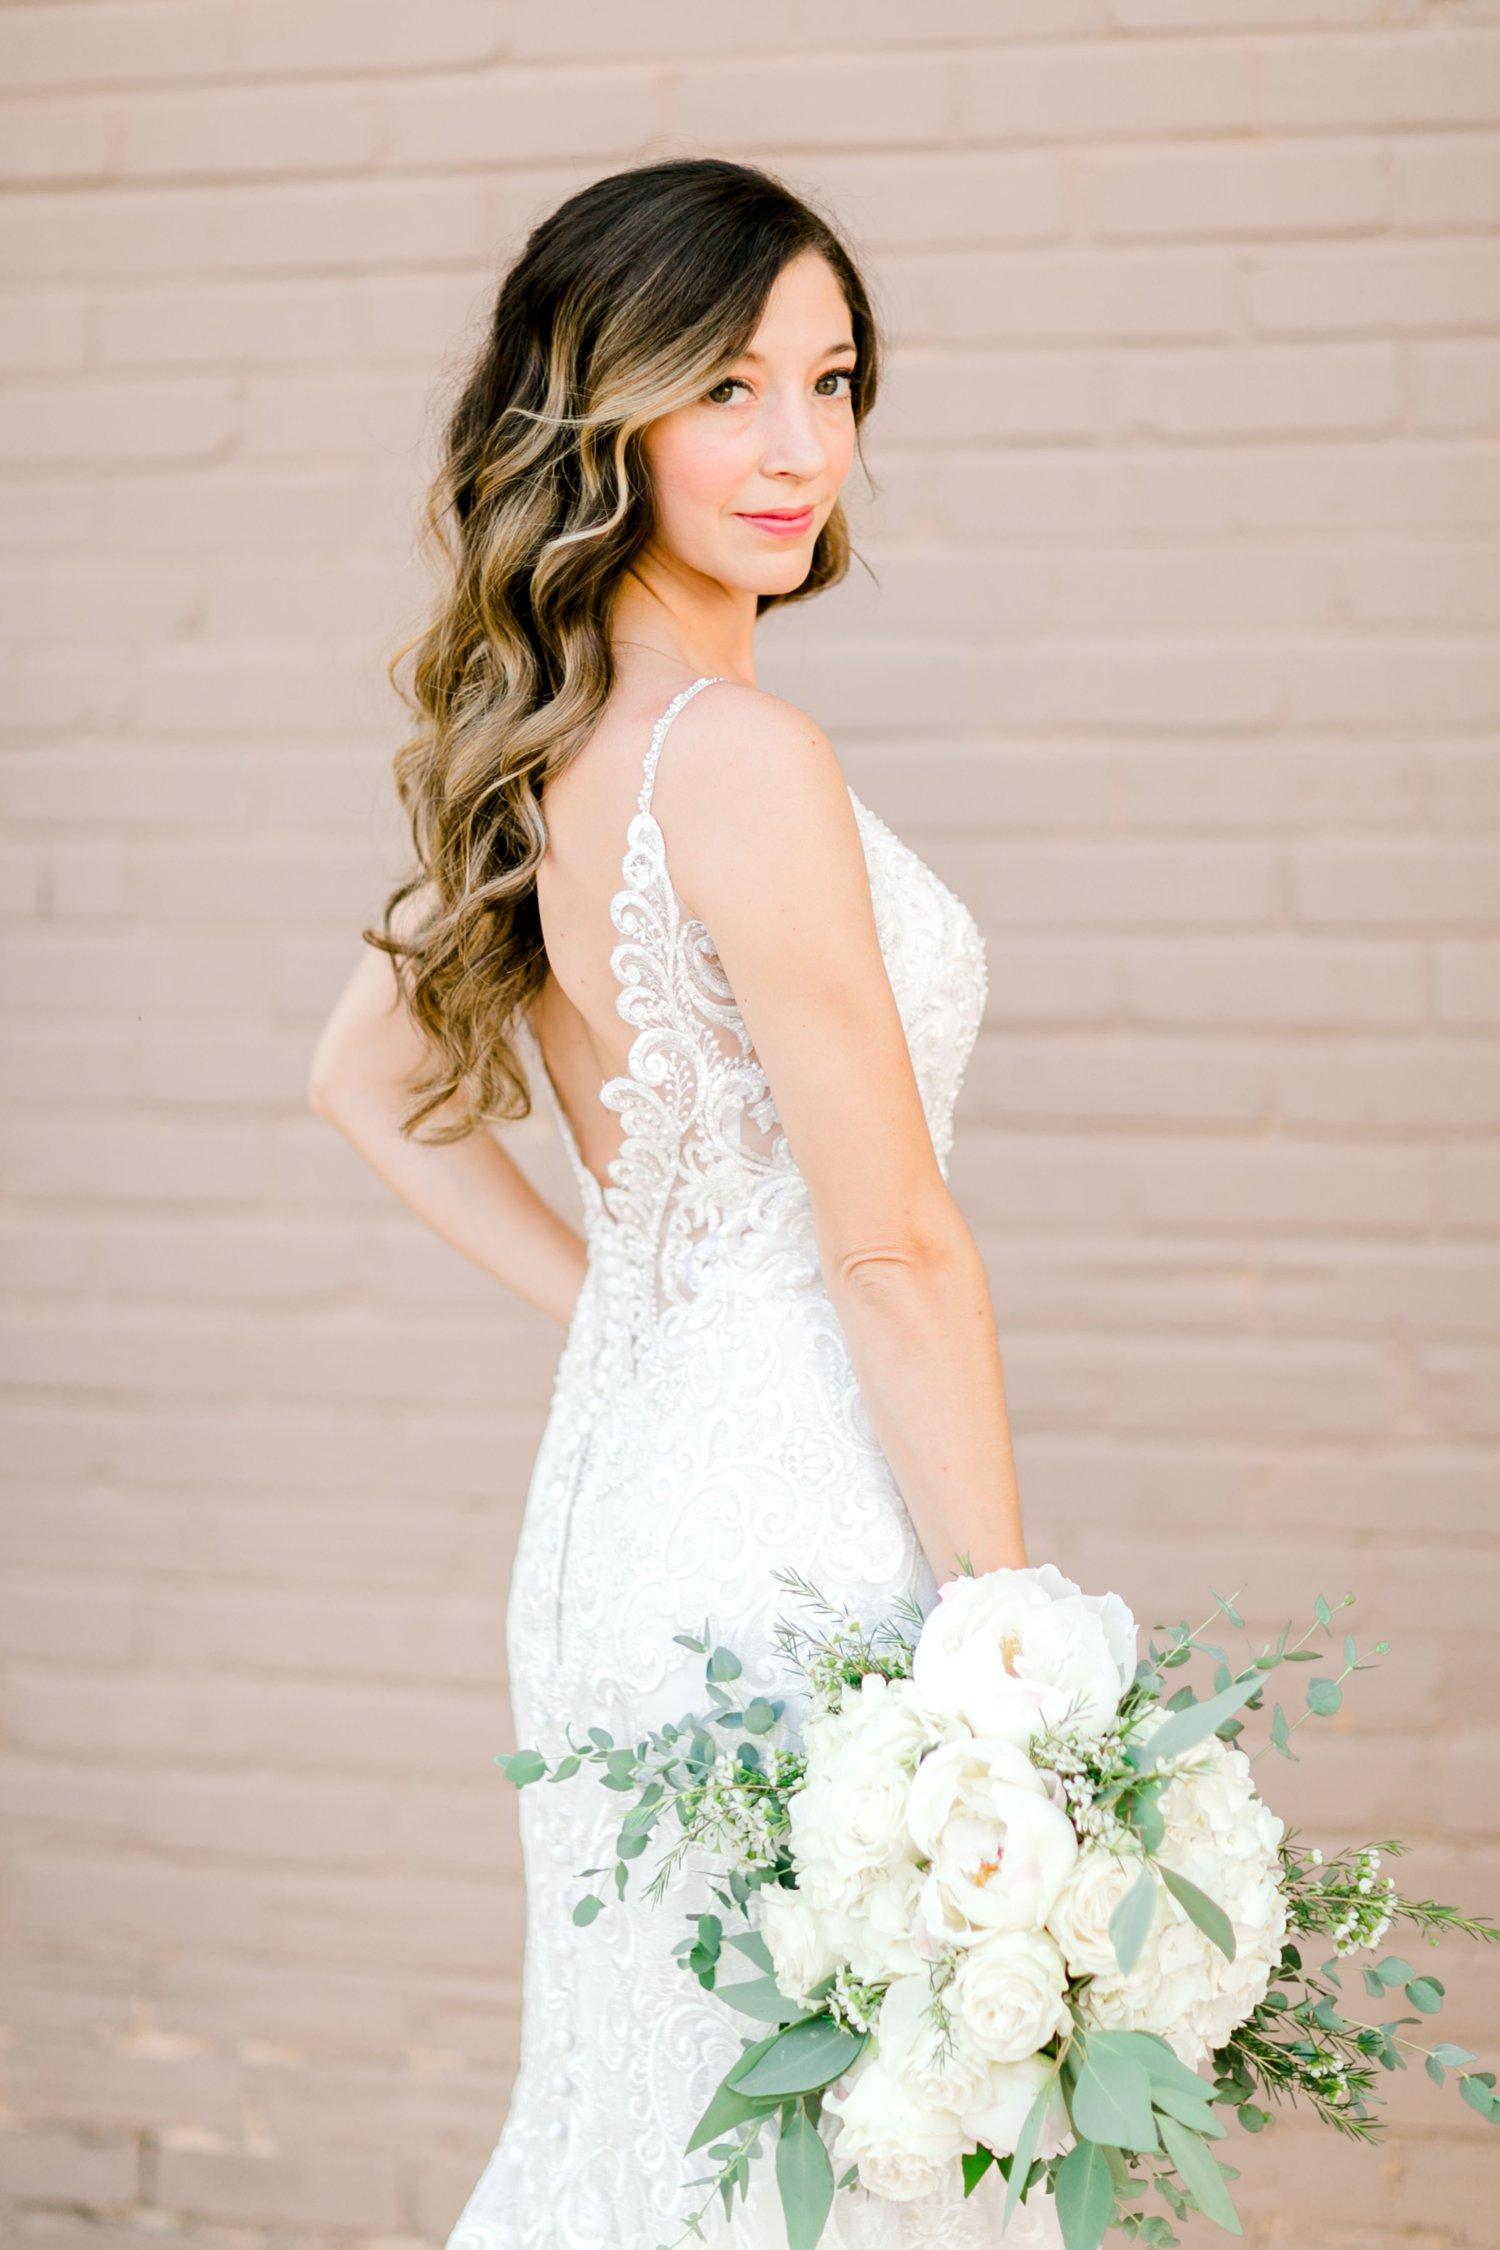 Ashley_Parr_Bridals_ALLEEJ_caprock_winery_romantic_elegant0011.jpg